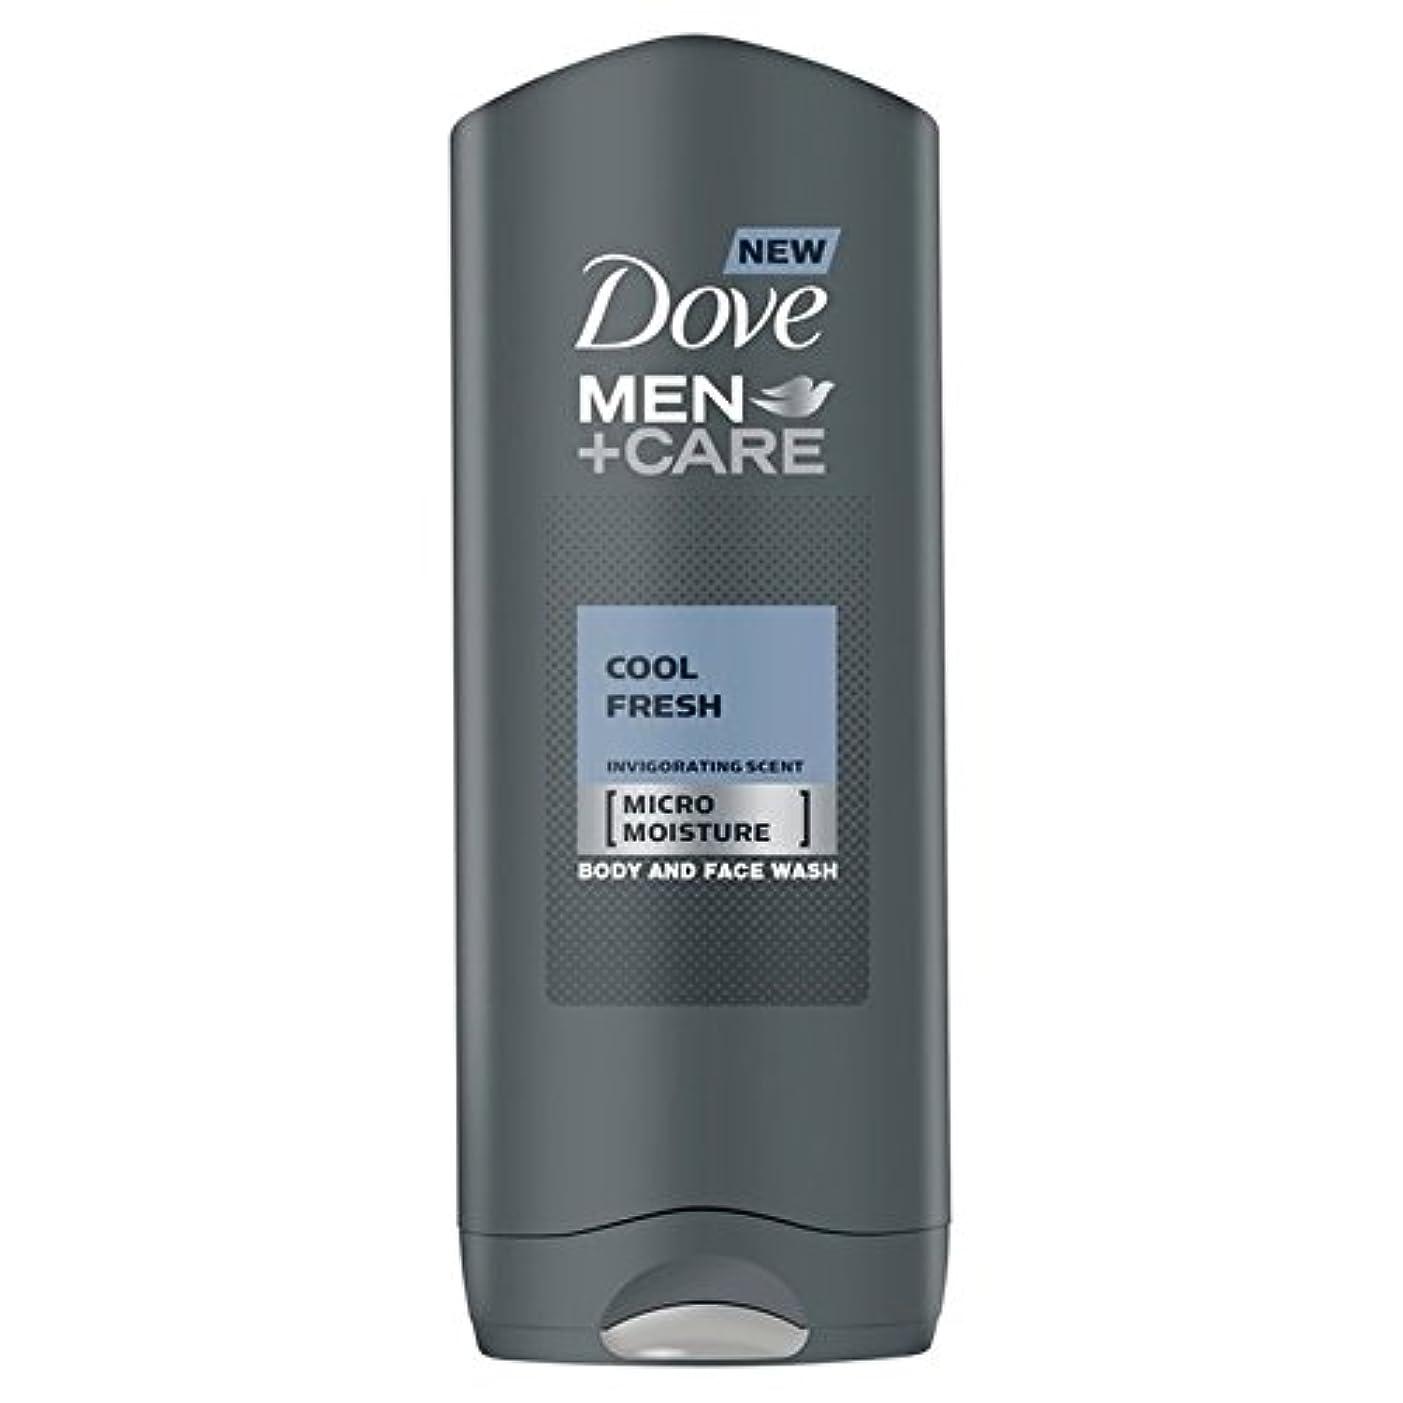 失われたカンガルー群集クールフレッシュシャワージェル400ミリリットルケア+鳩の男性 x2 - Dove Men+Care Cool Fresh Shower Gel 400ml (Pack of 2) [並行輸入品]